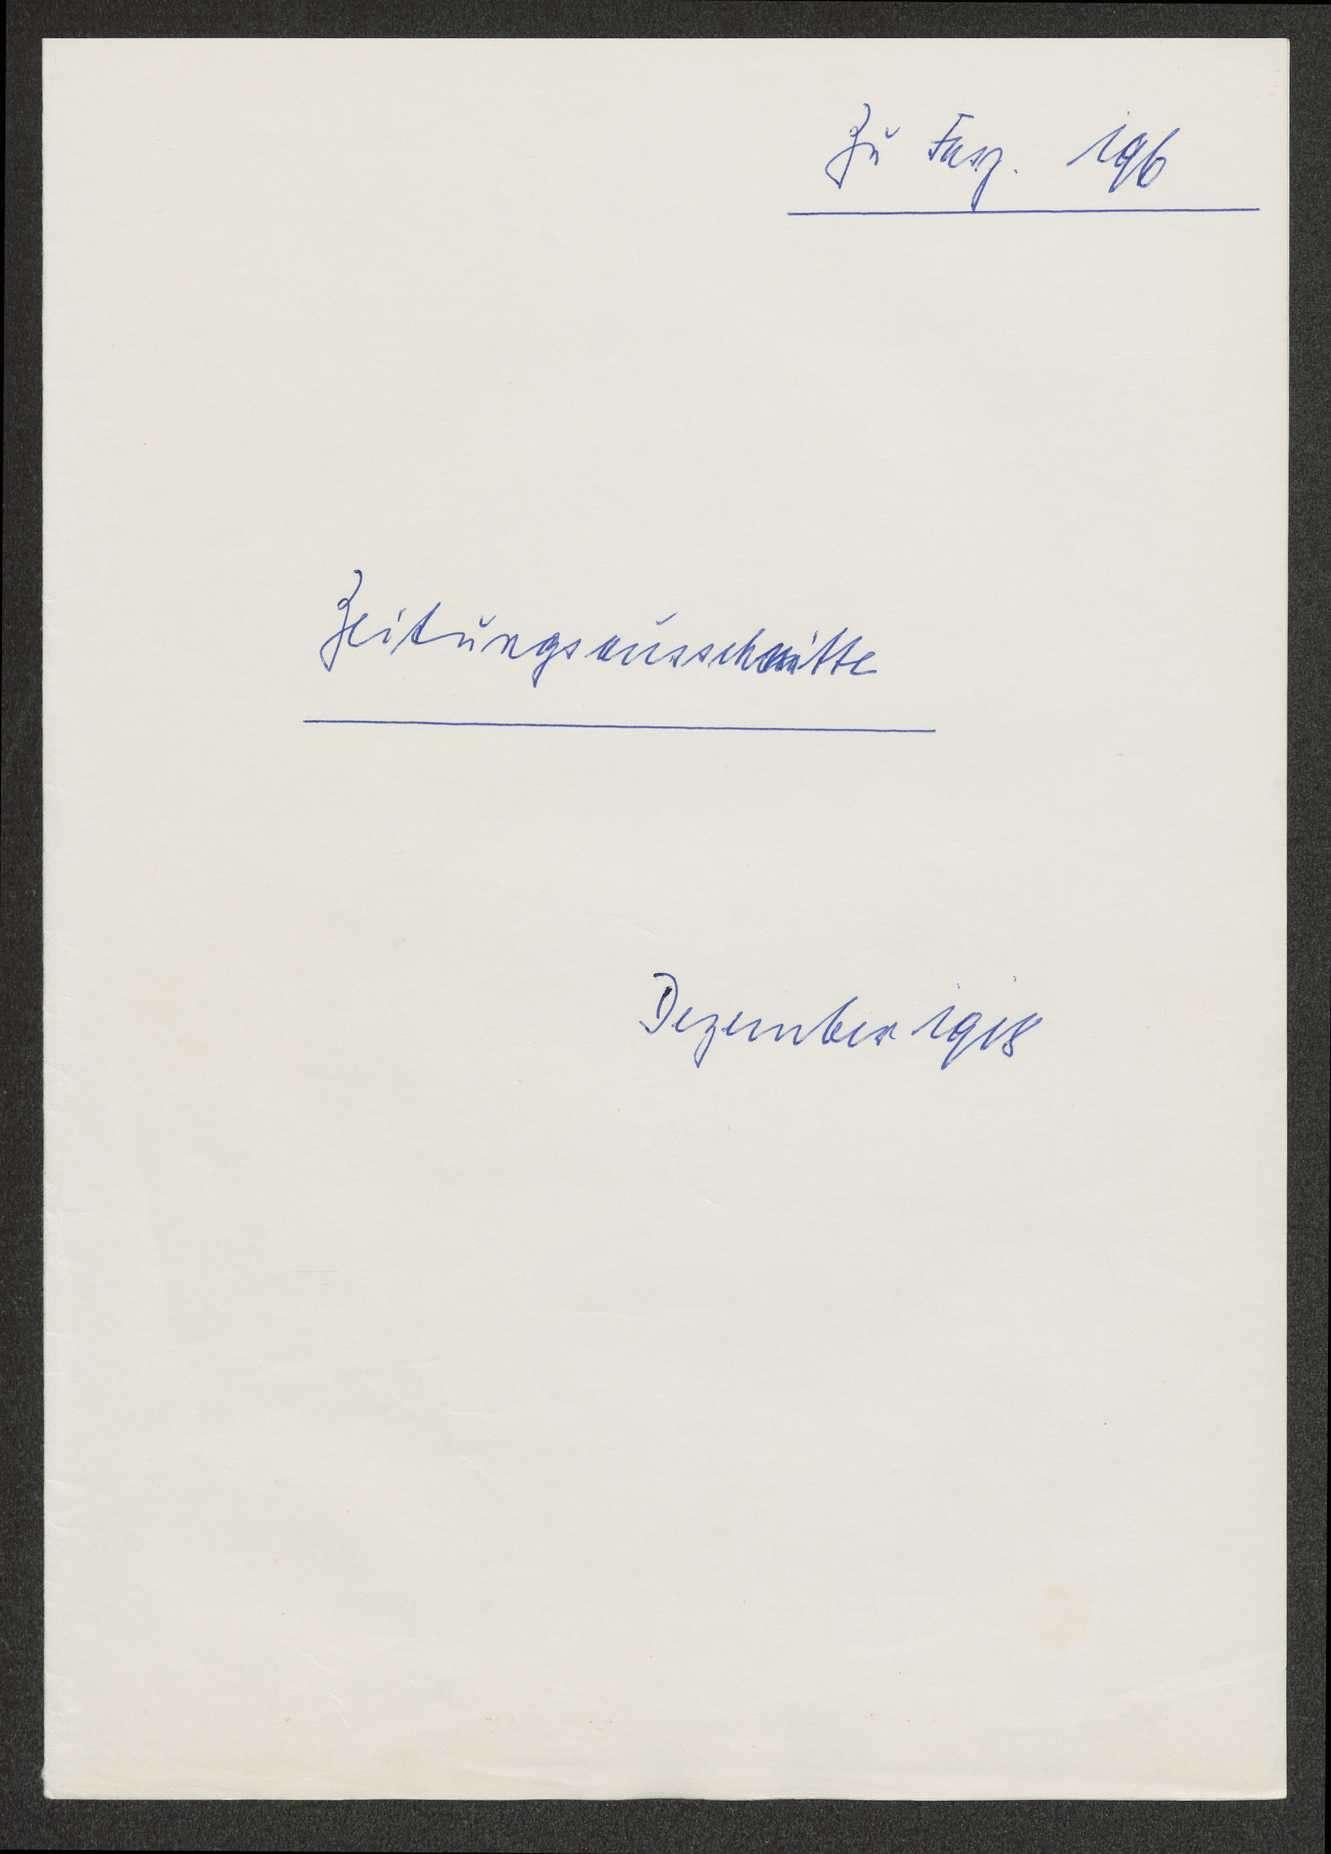 Verfassunggebende Landesversammlung, Bild 1